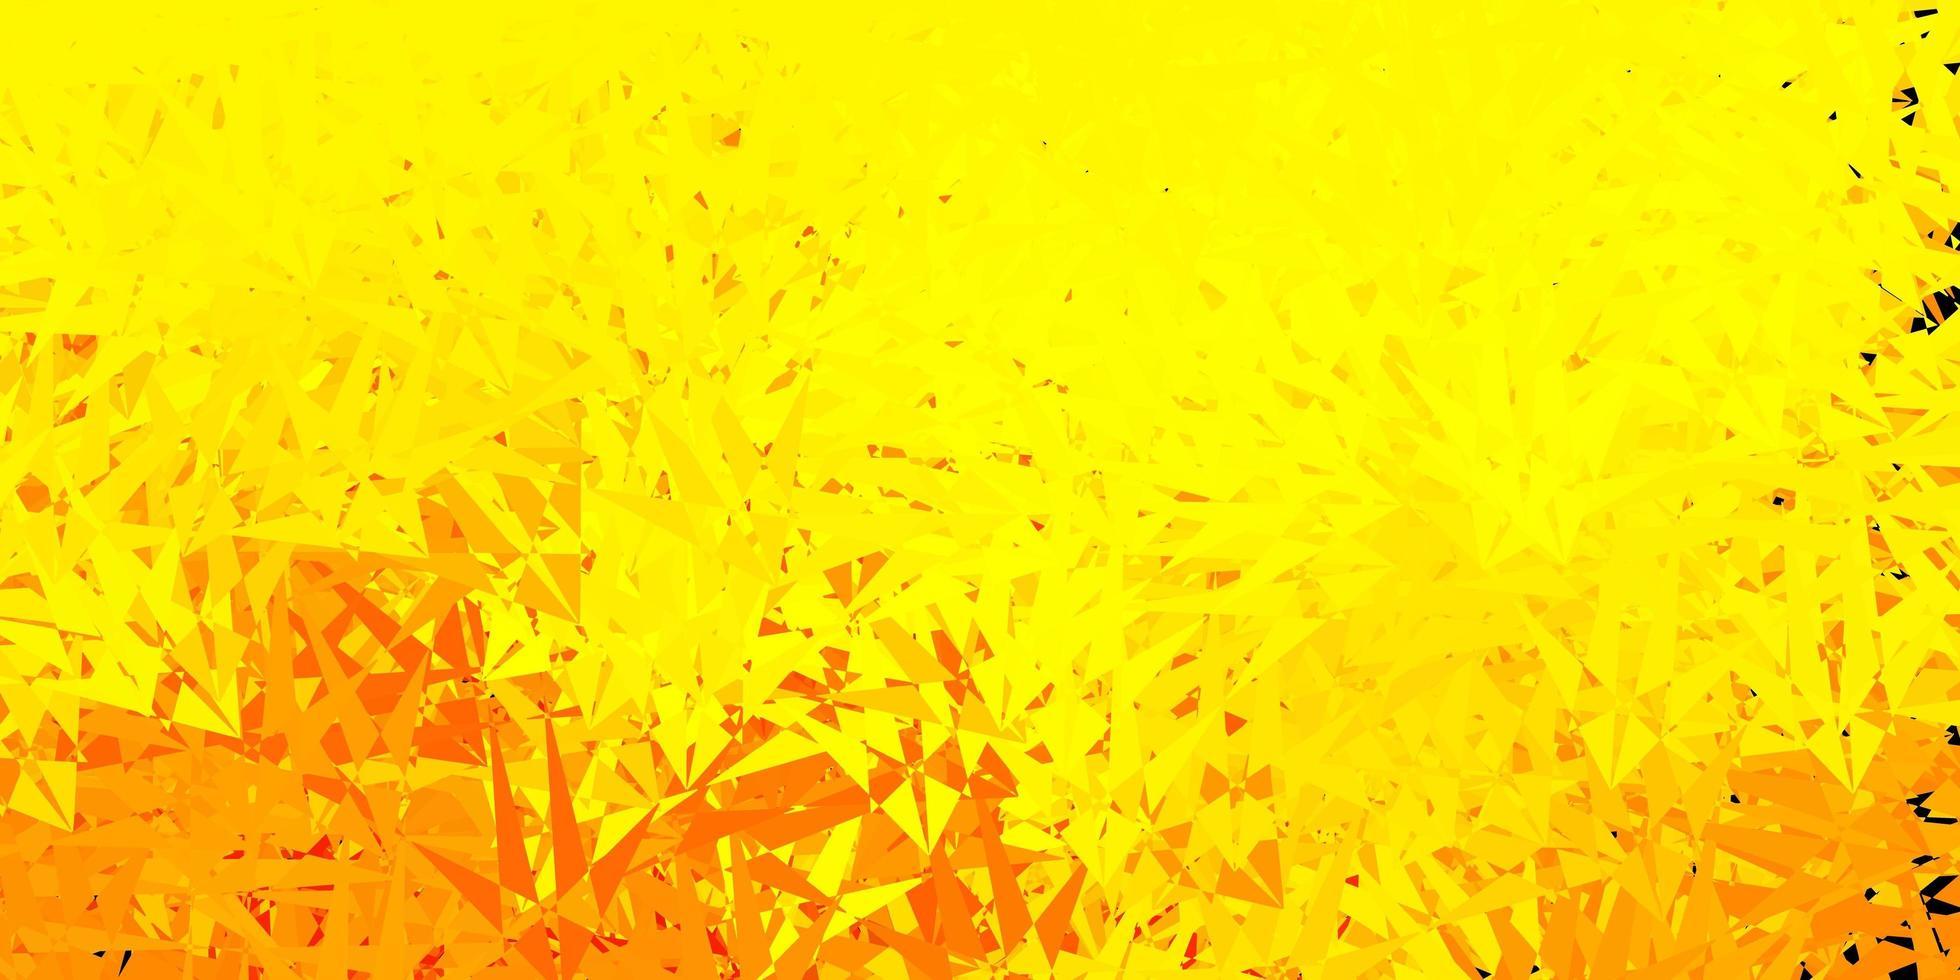 fondo amarillo claro con formas poligonales. vector